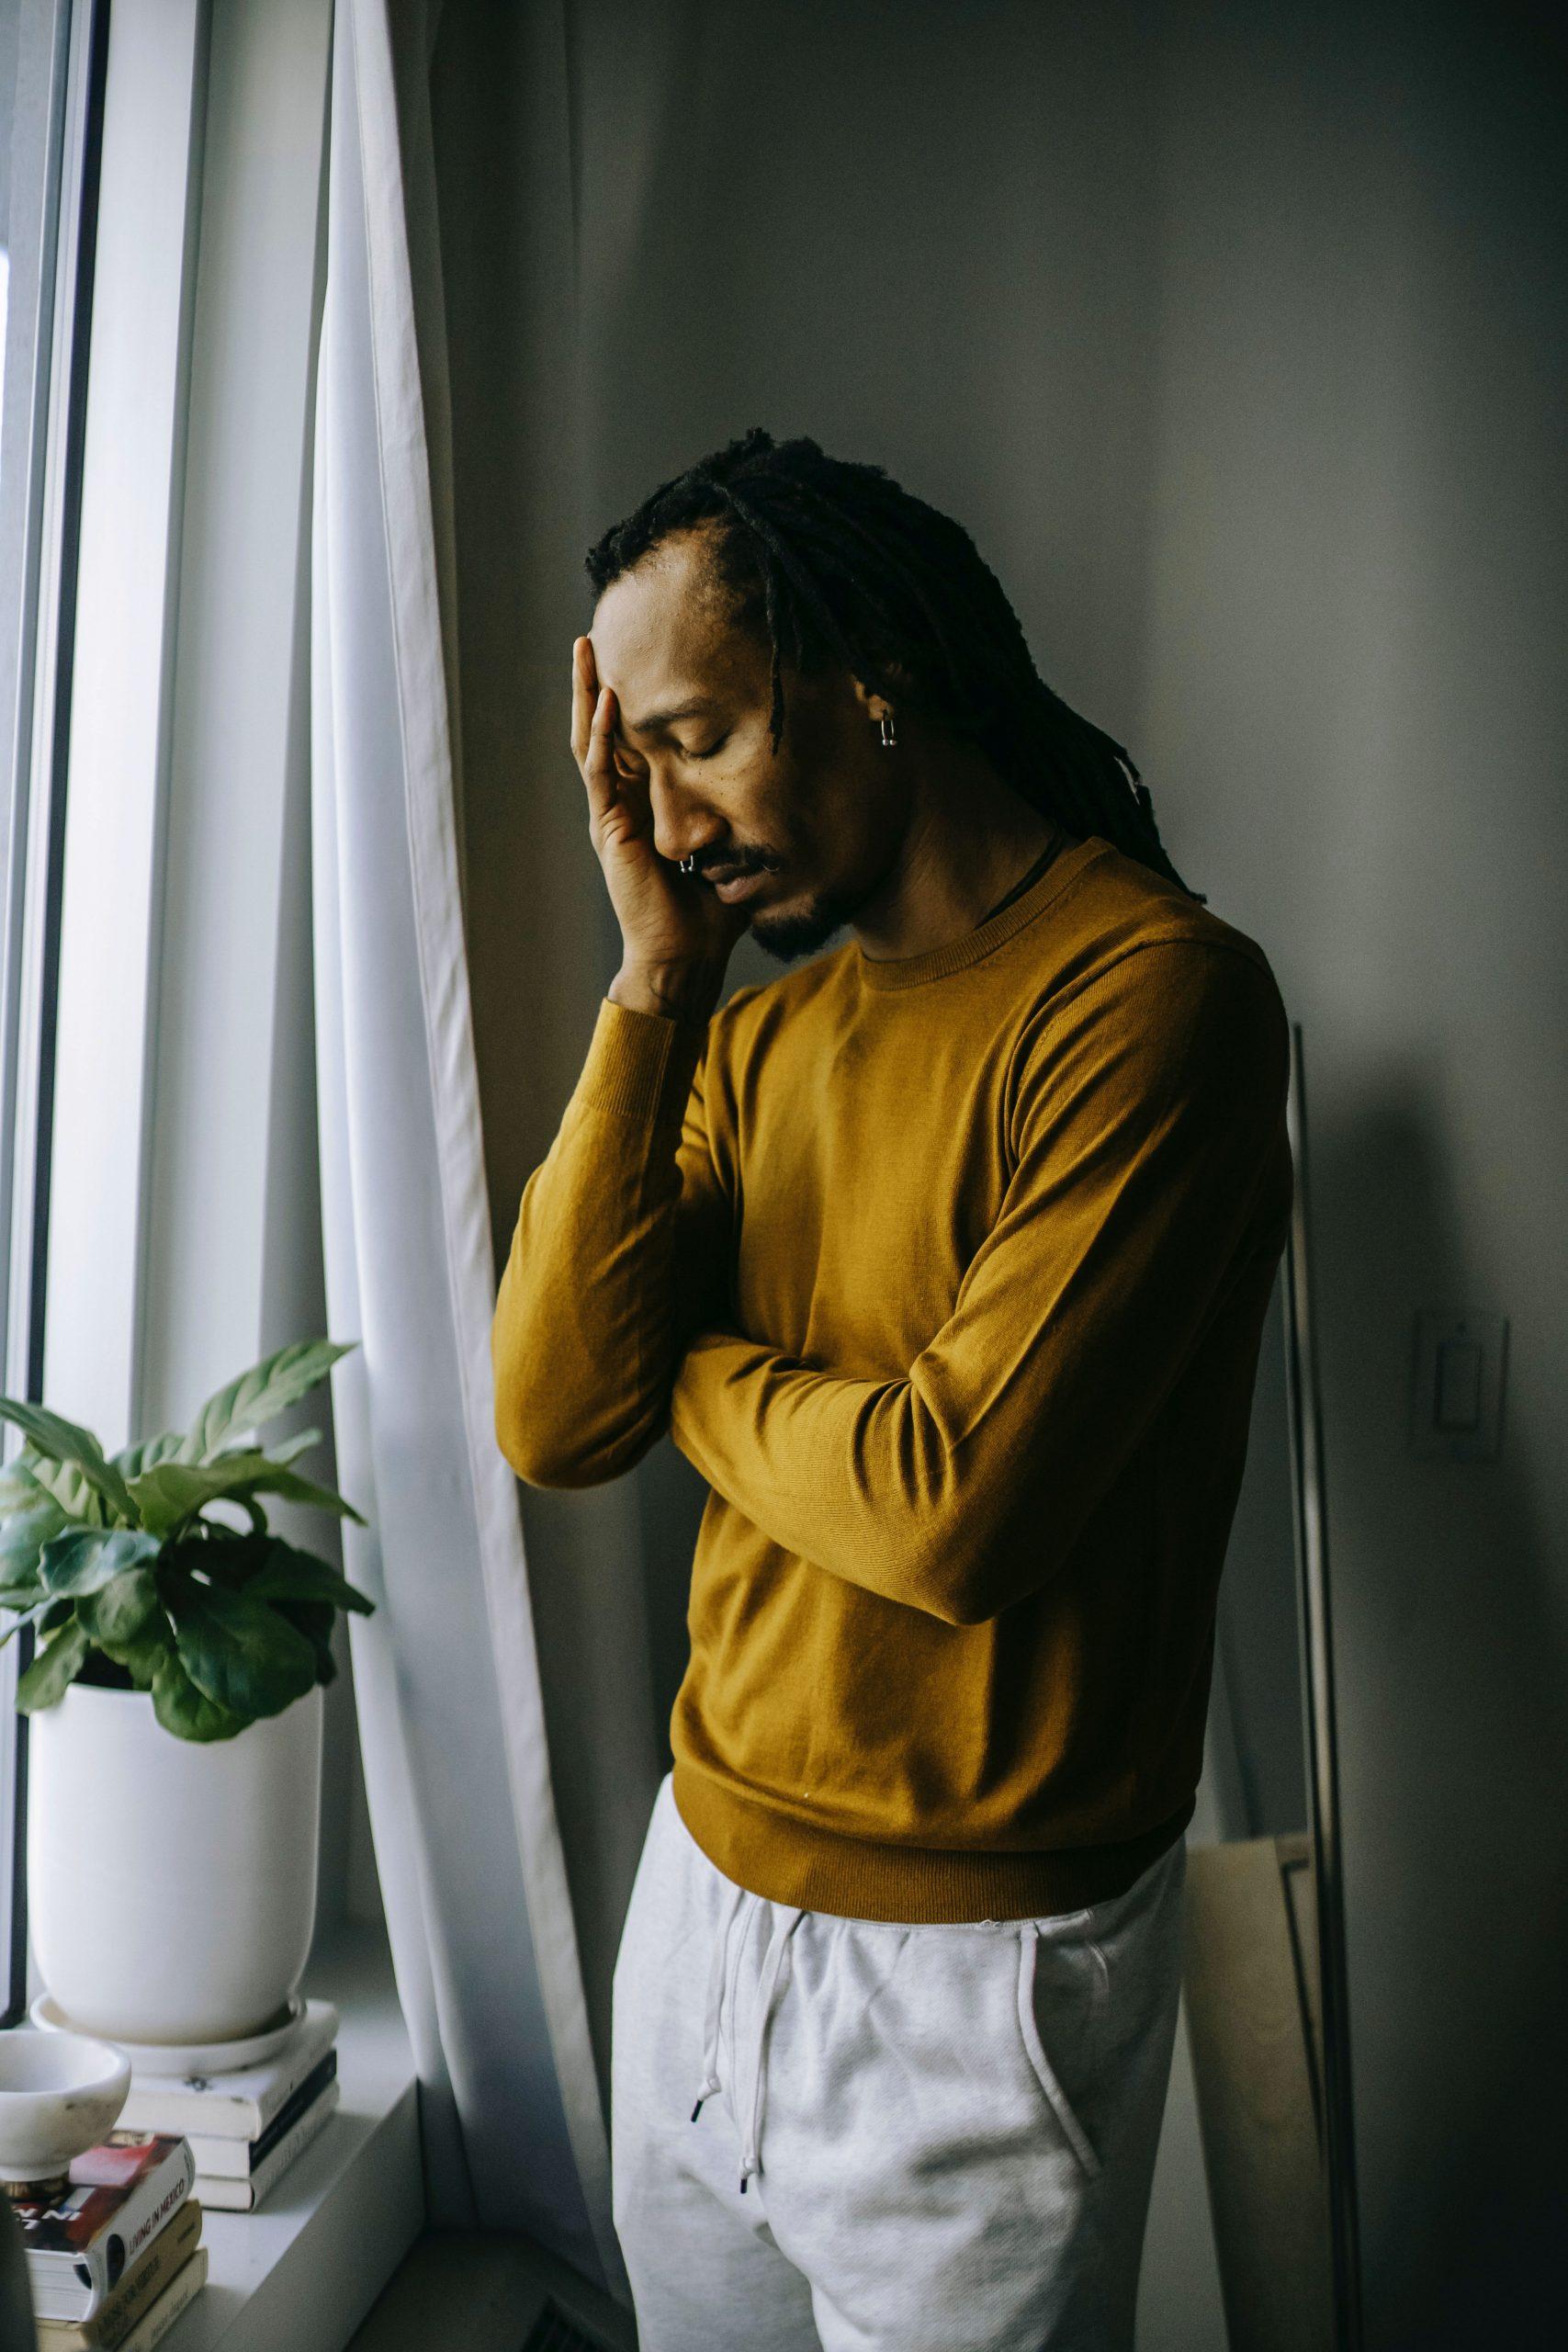 Sad Boy Dp Images wallpaper free hd